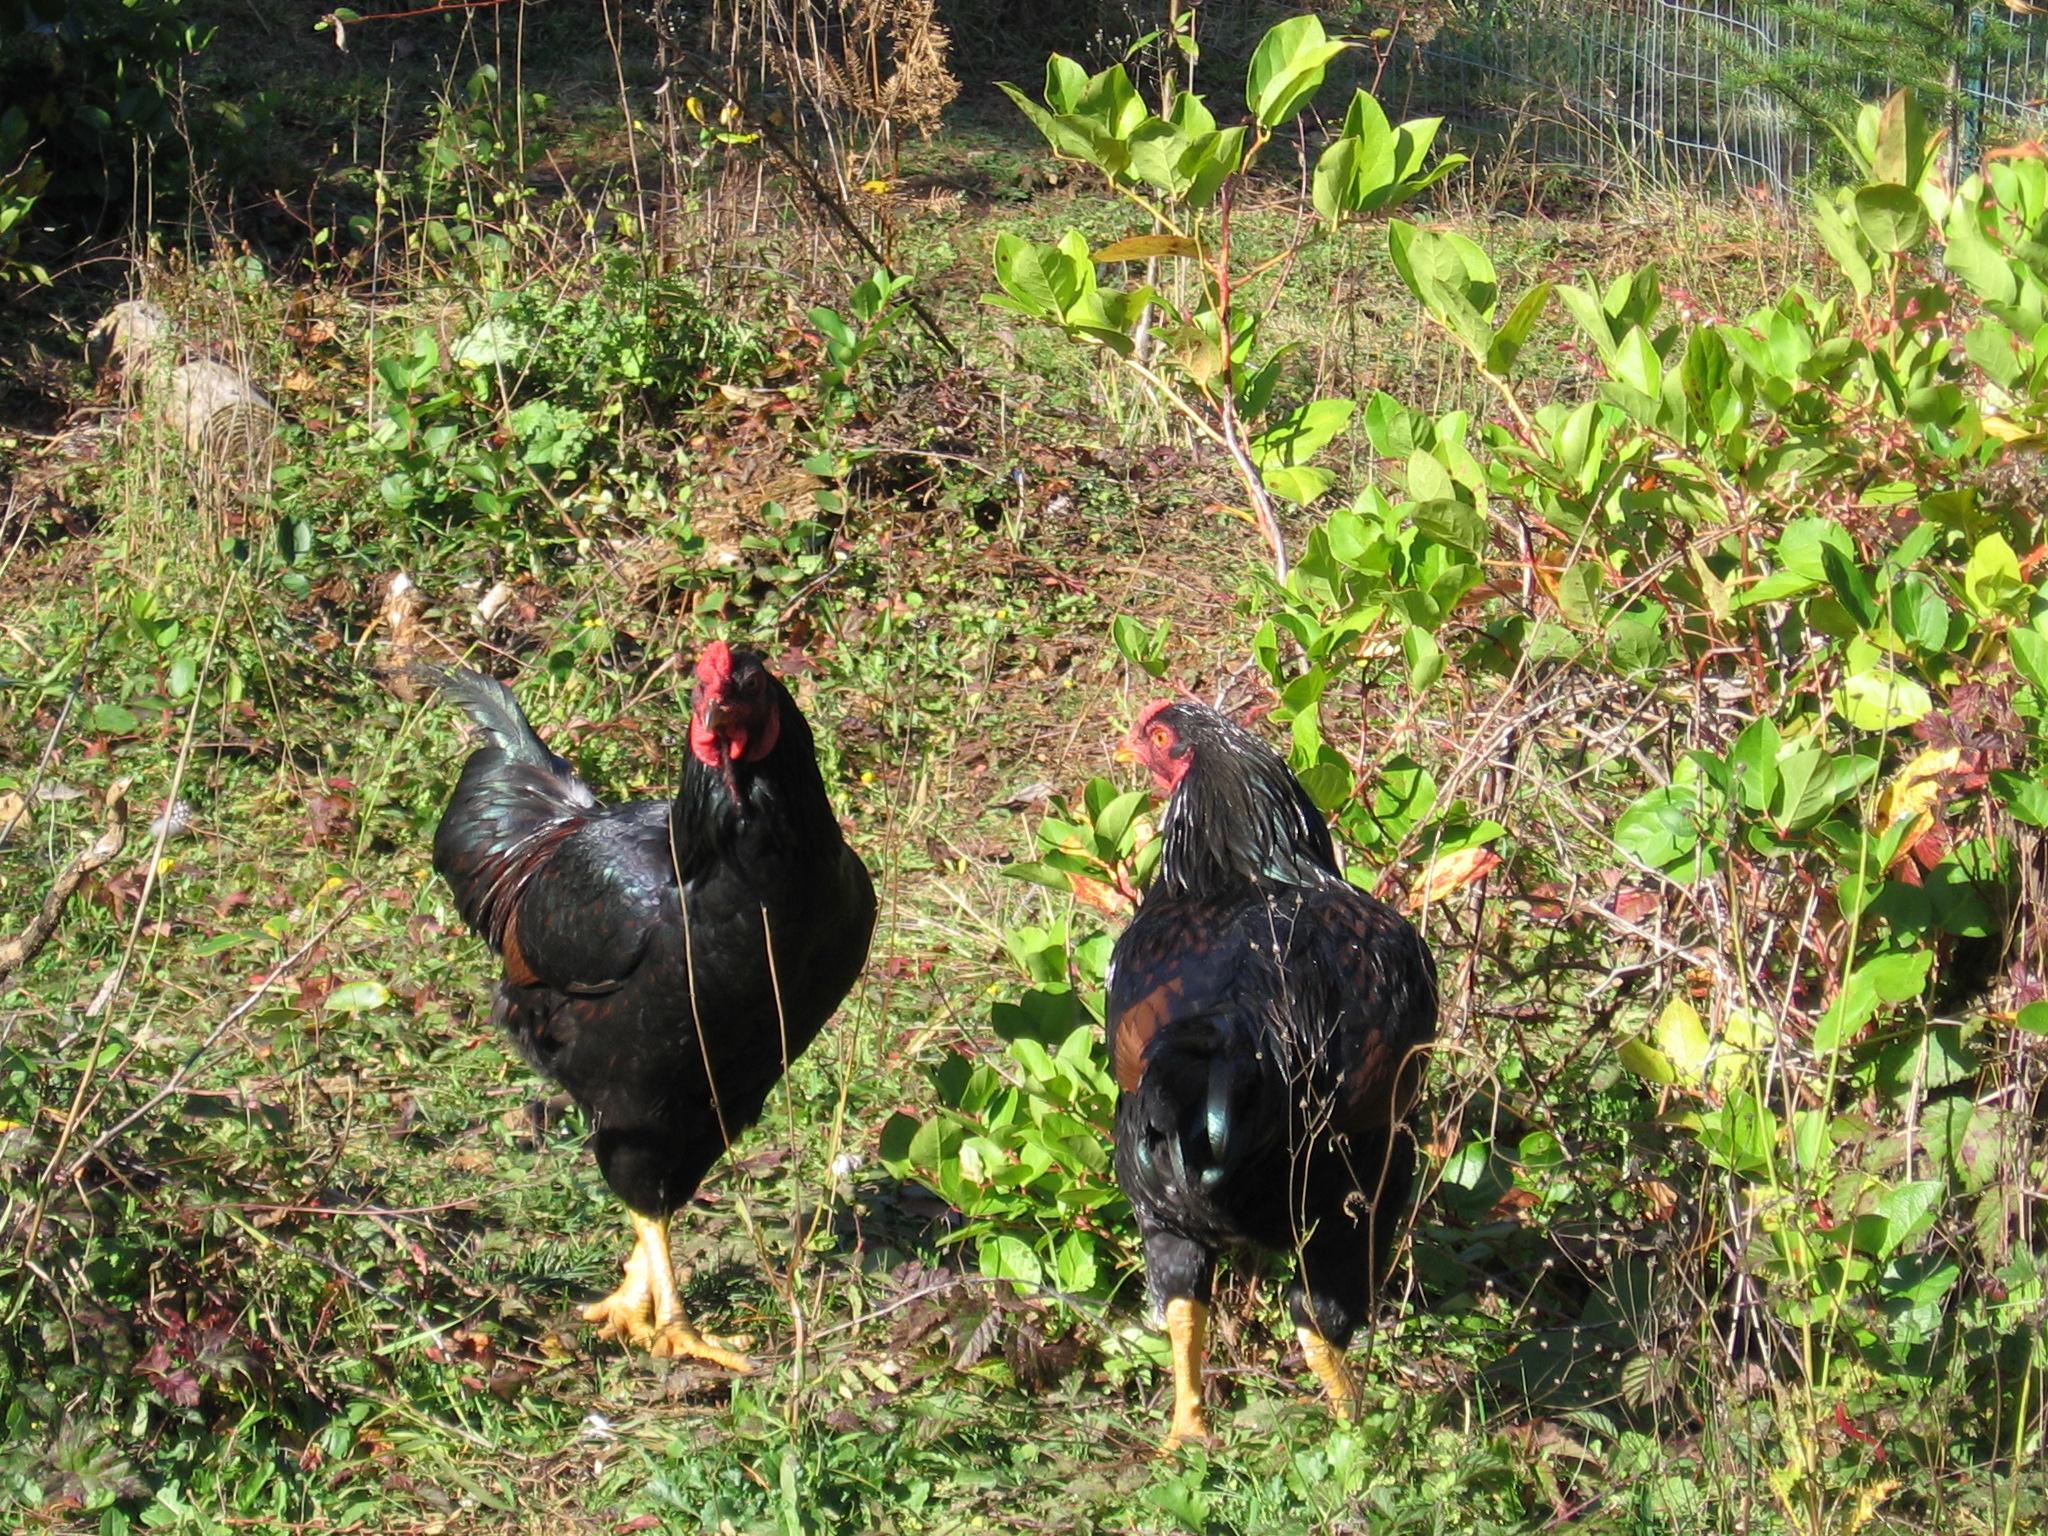 Корниш - мясная порода кур. Описание, характеристики, разведение, кормление и инкубация